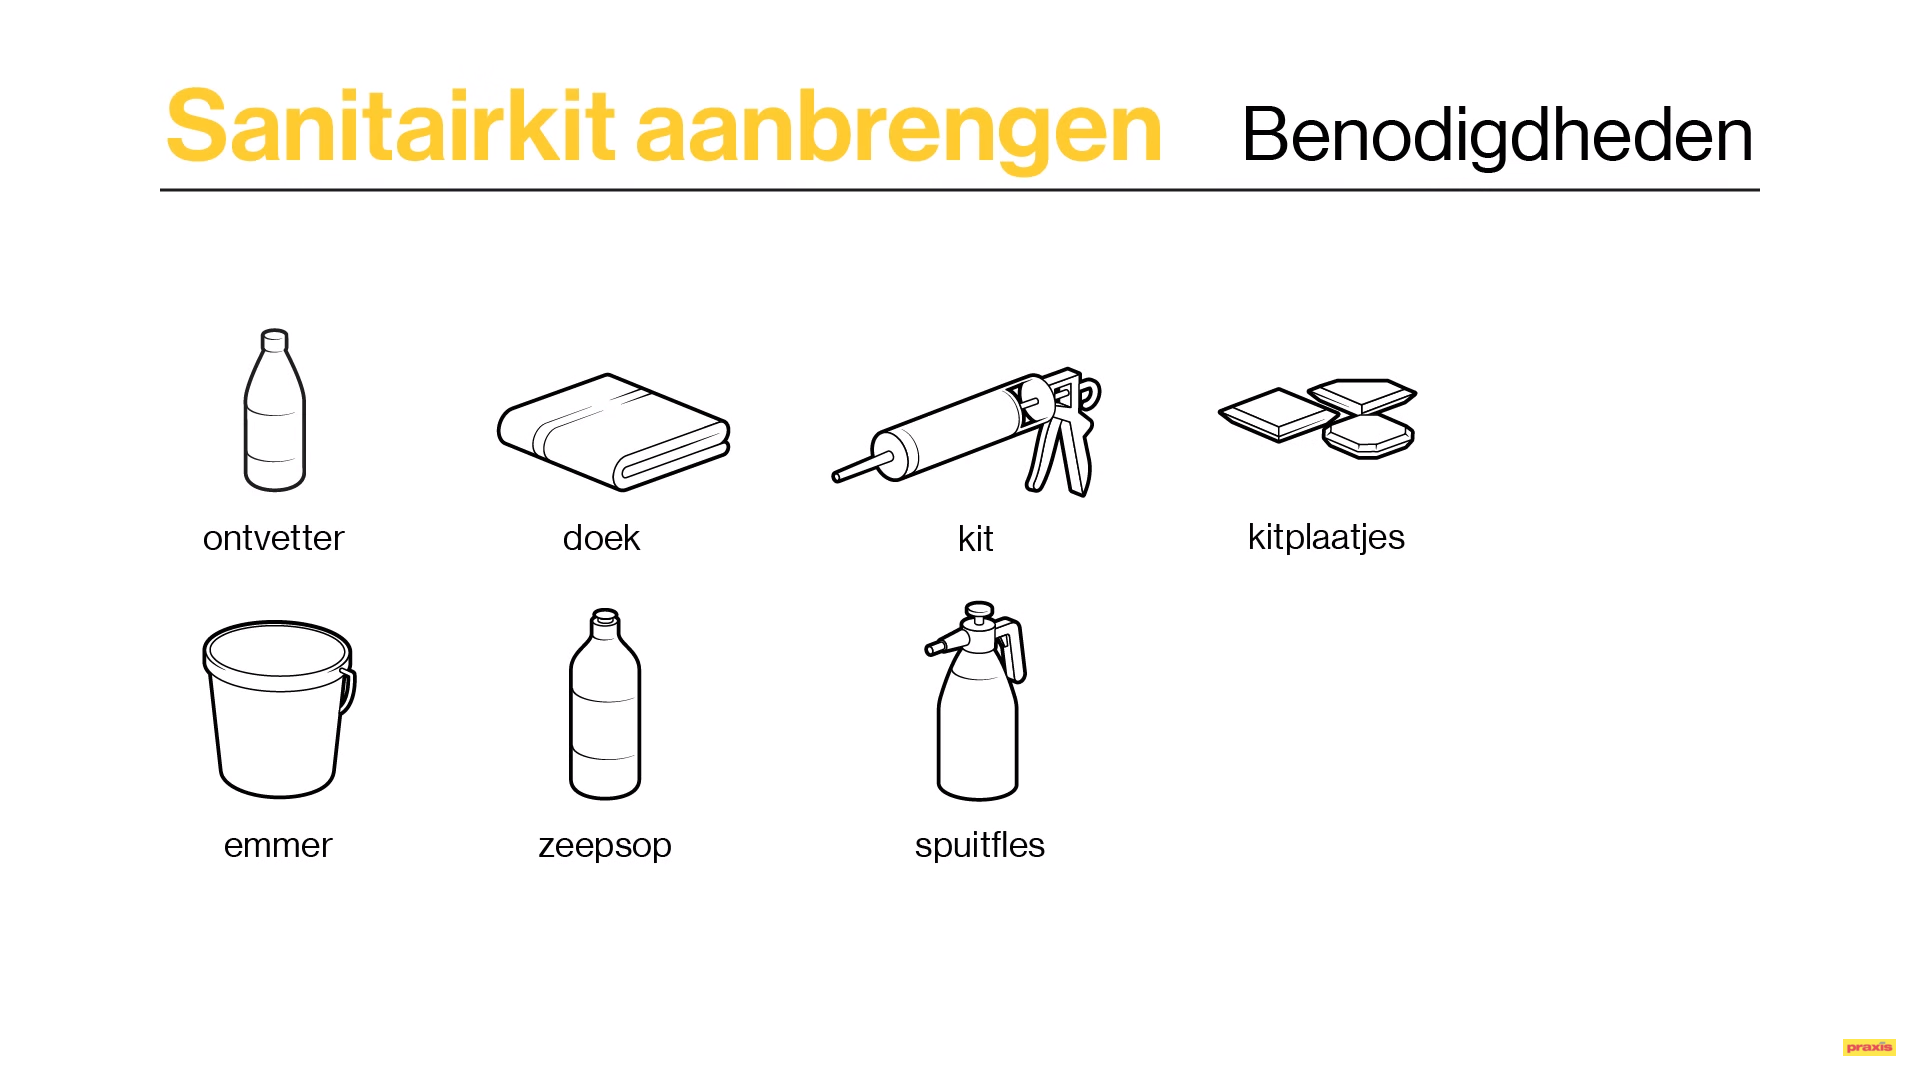 Zeer Sanitairkit aanbrengen | voordemakers.nl FT54